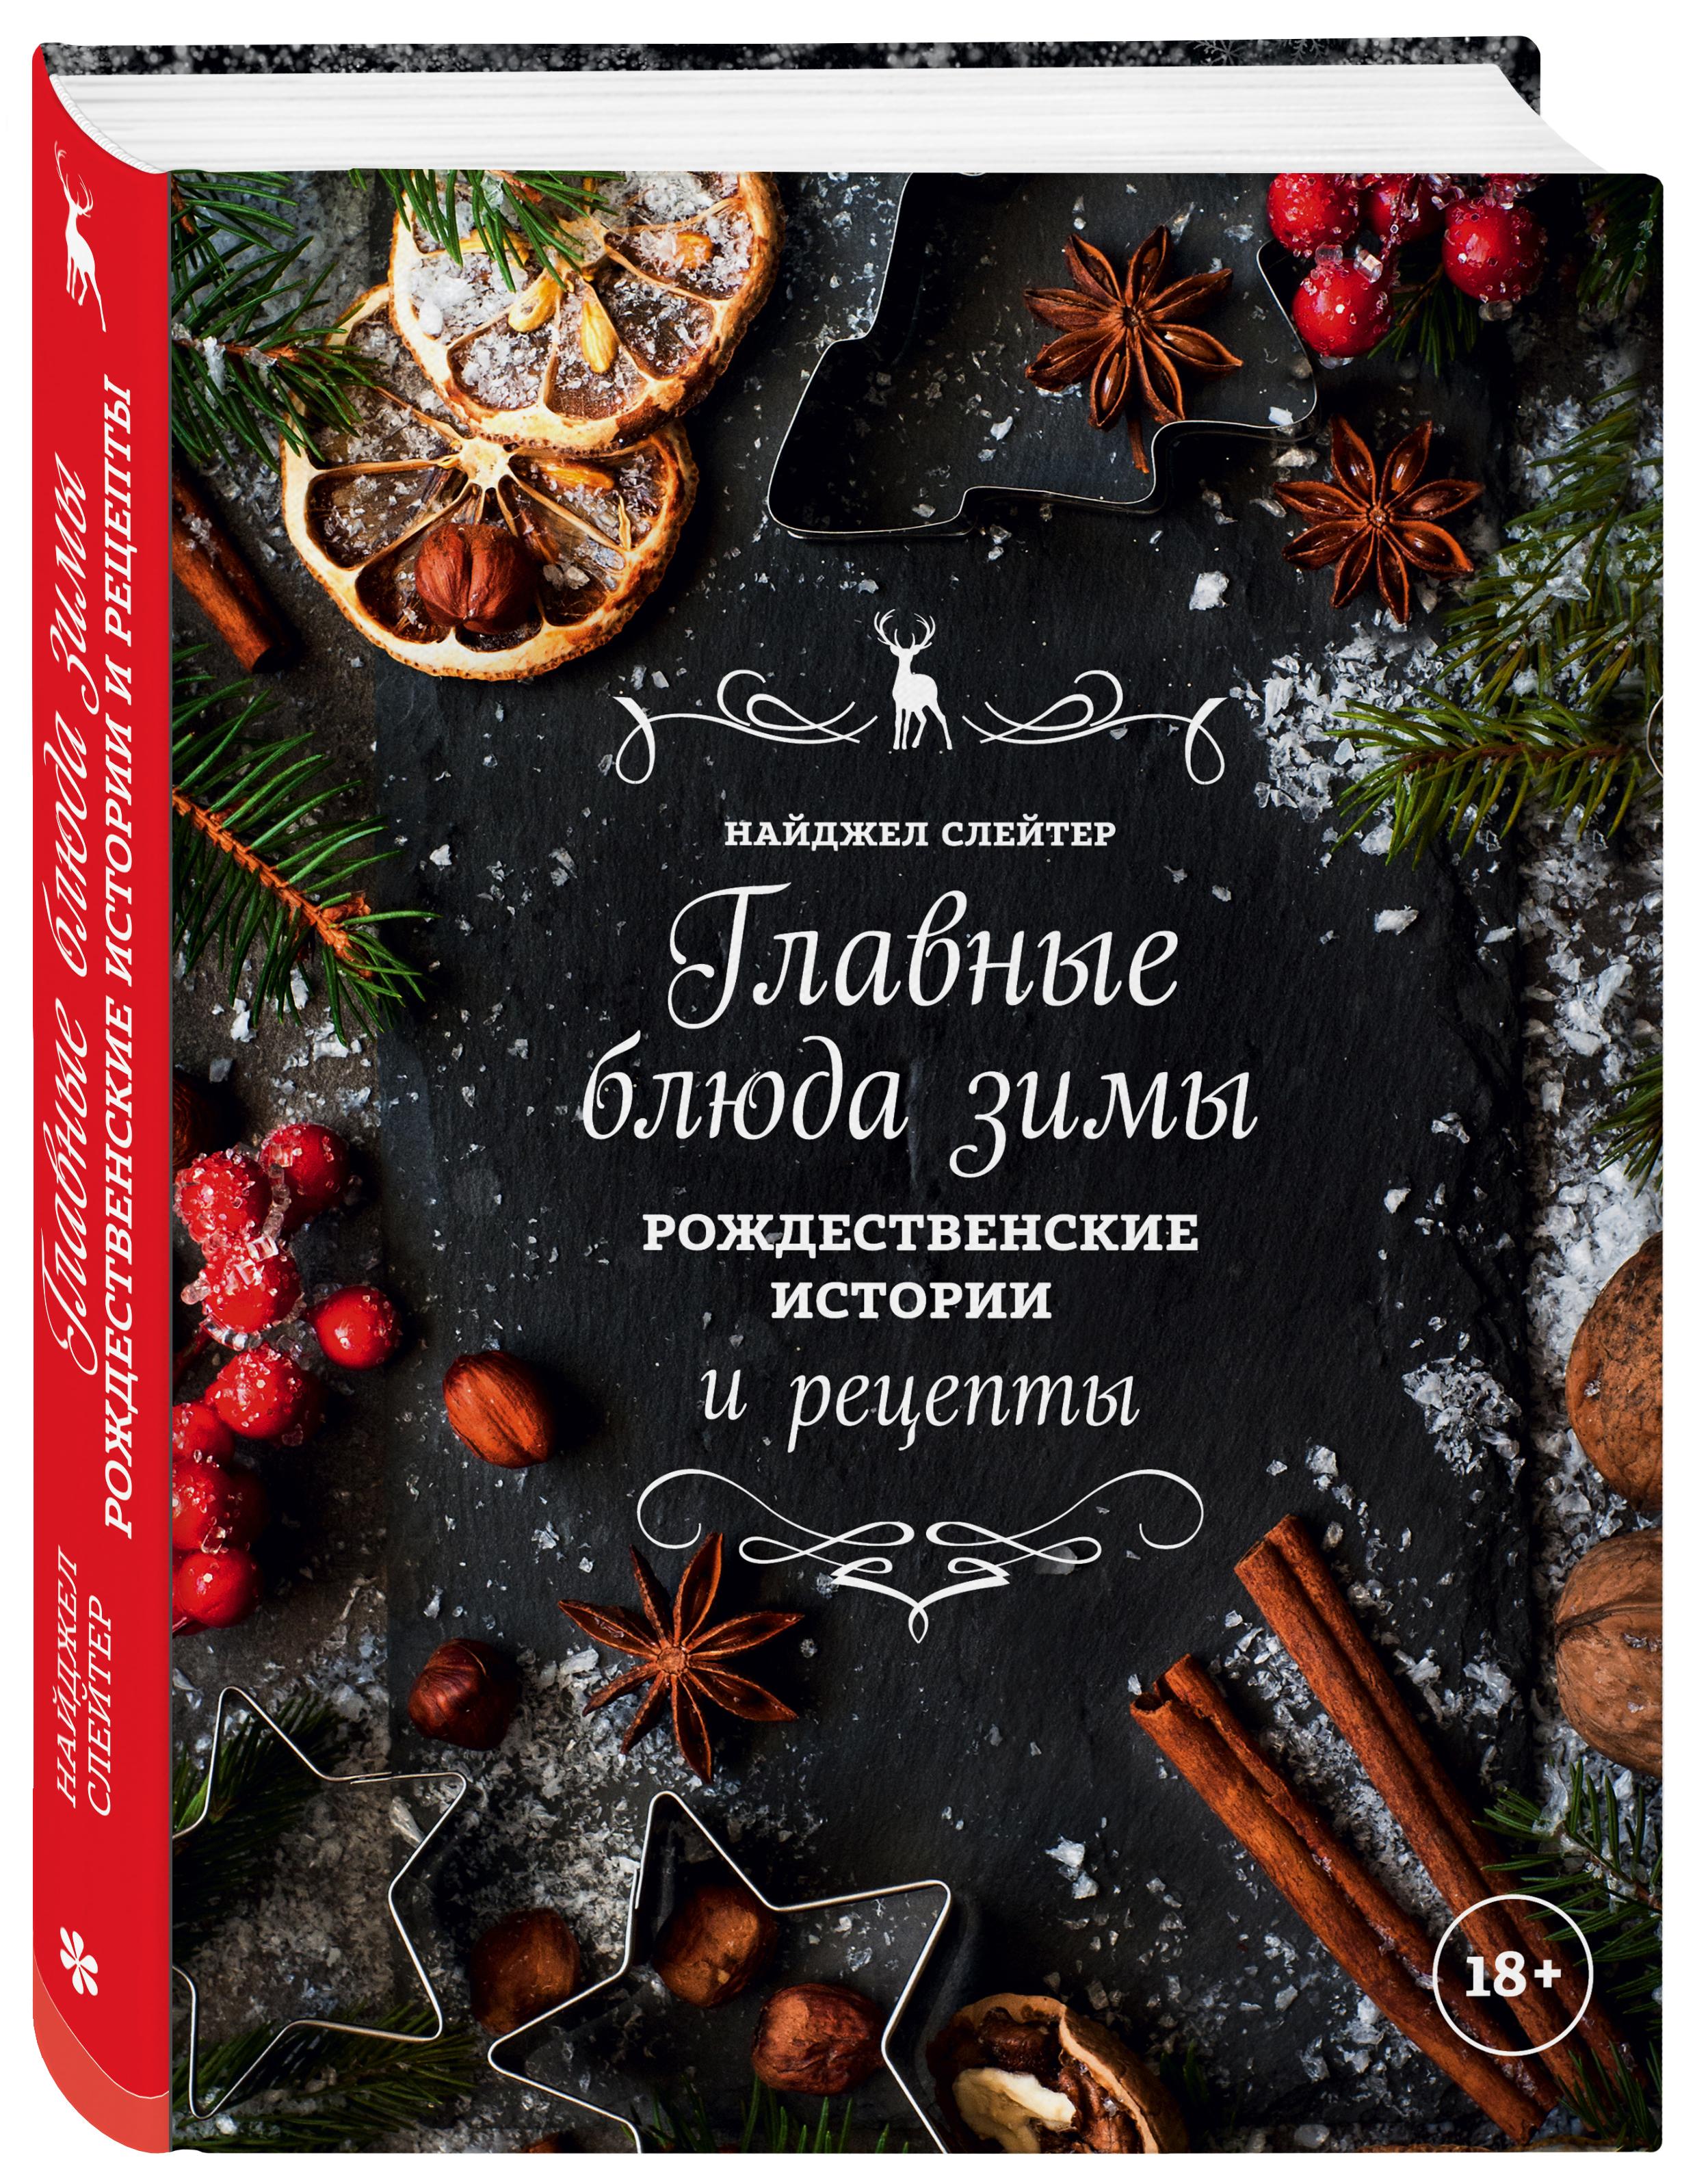 Найджел Слейтер Главные блюда зимы. Рождественские истории и рецепты (со специями)